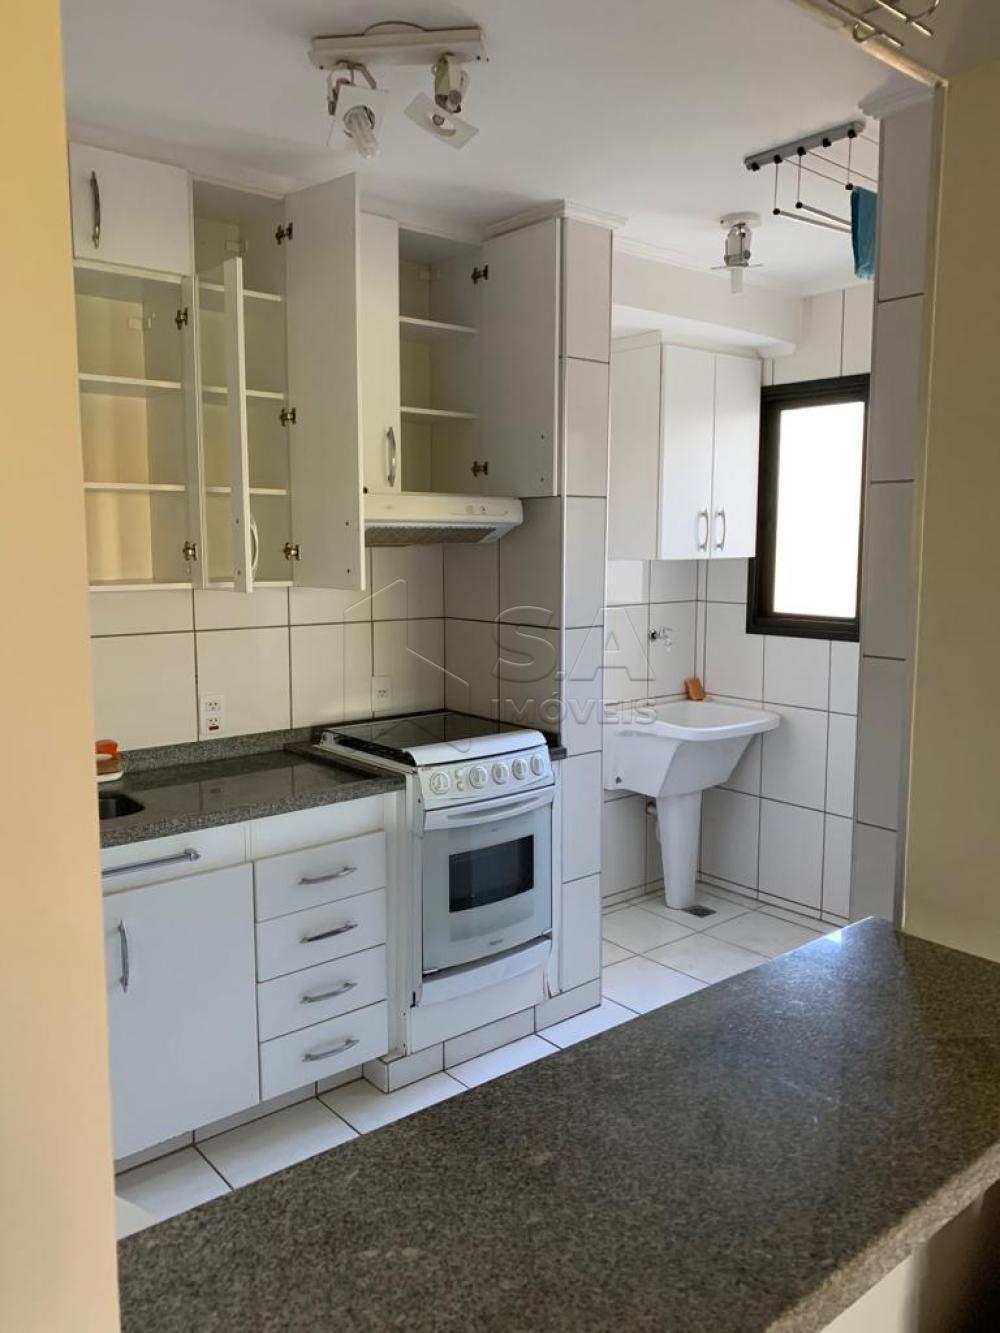 Comprar Apartamento / Padrão em São Carlos apenas R$ 300.000,00 - Foto 2